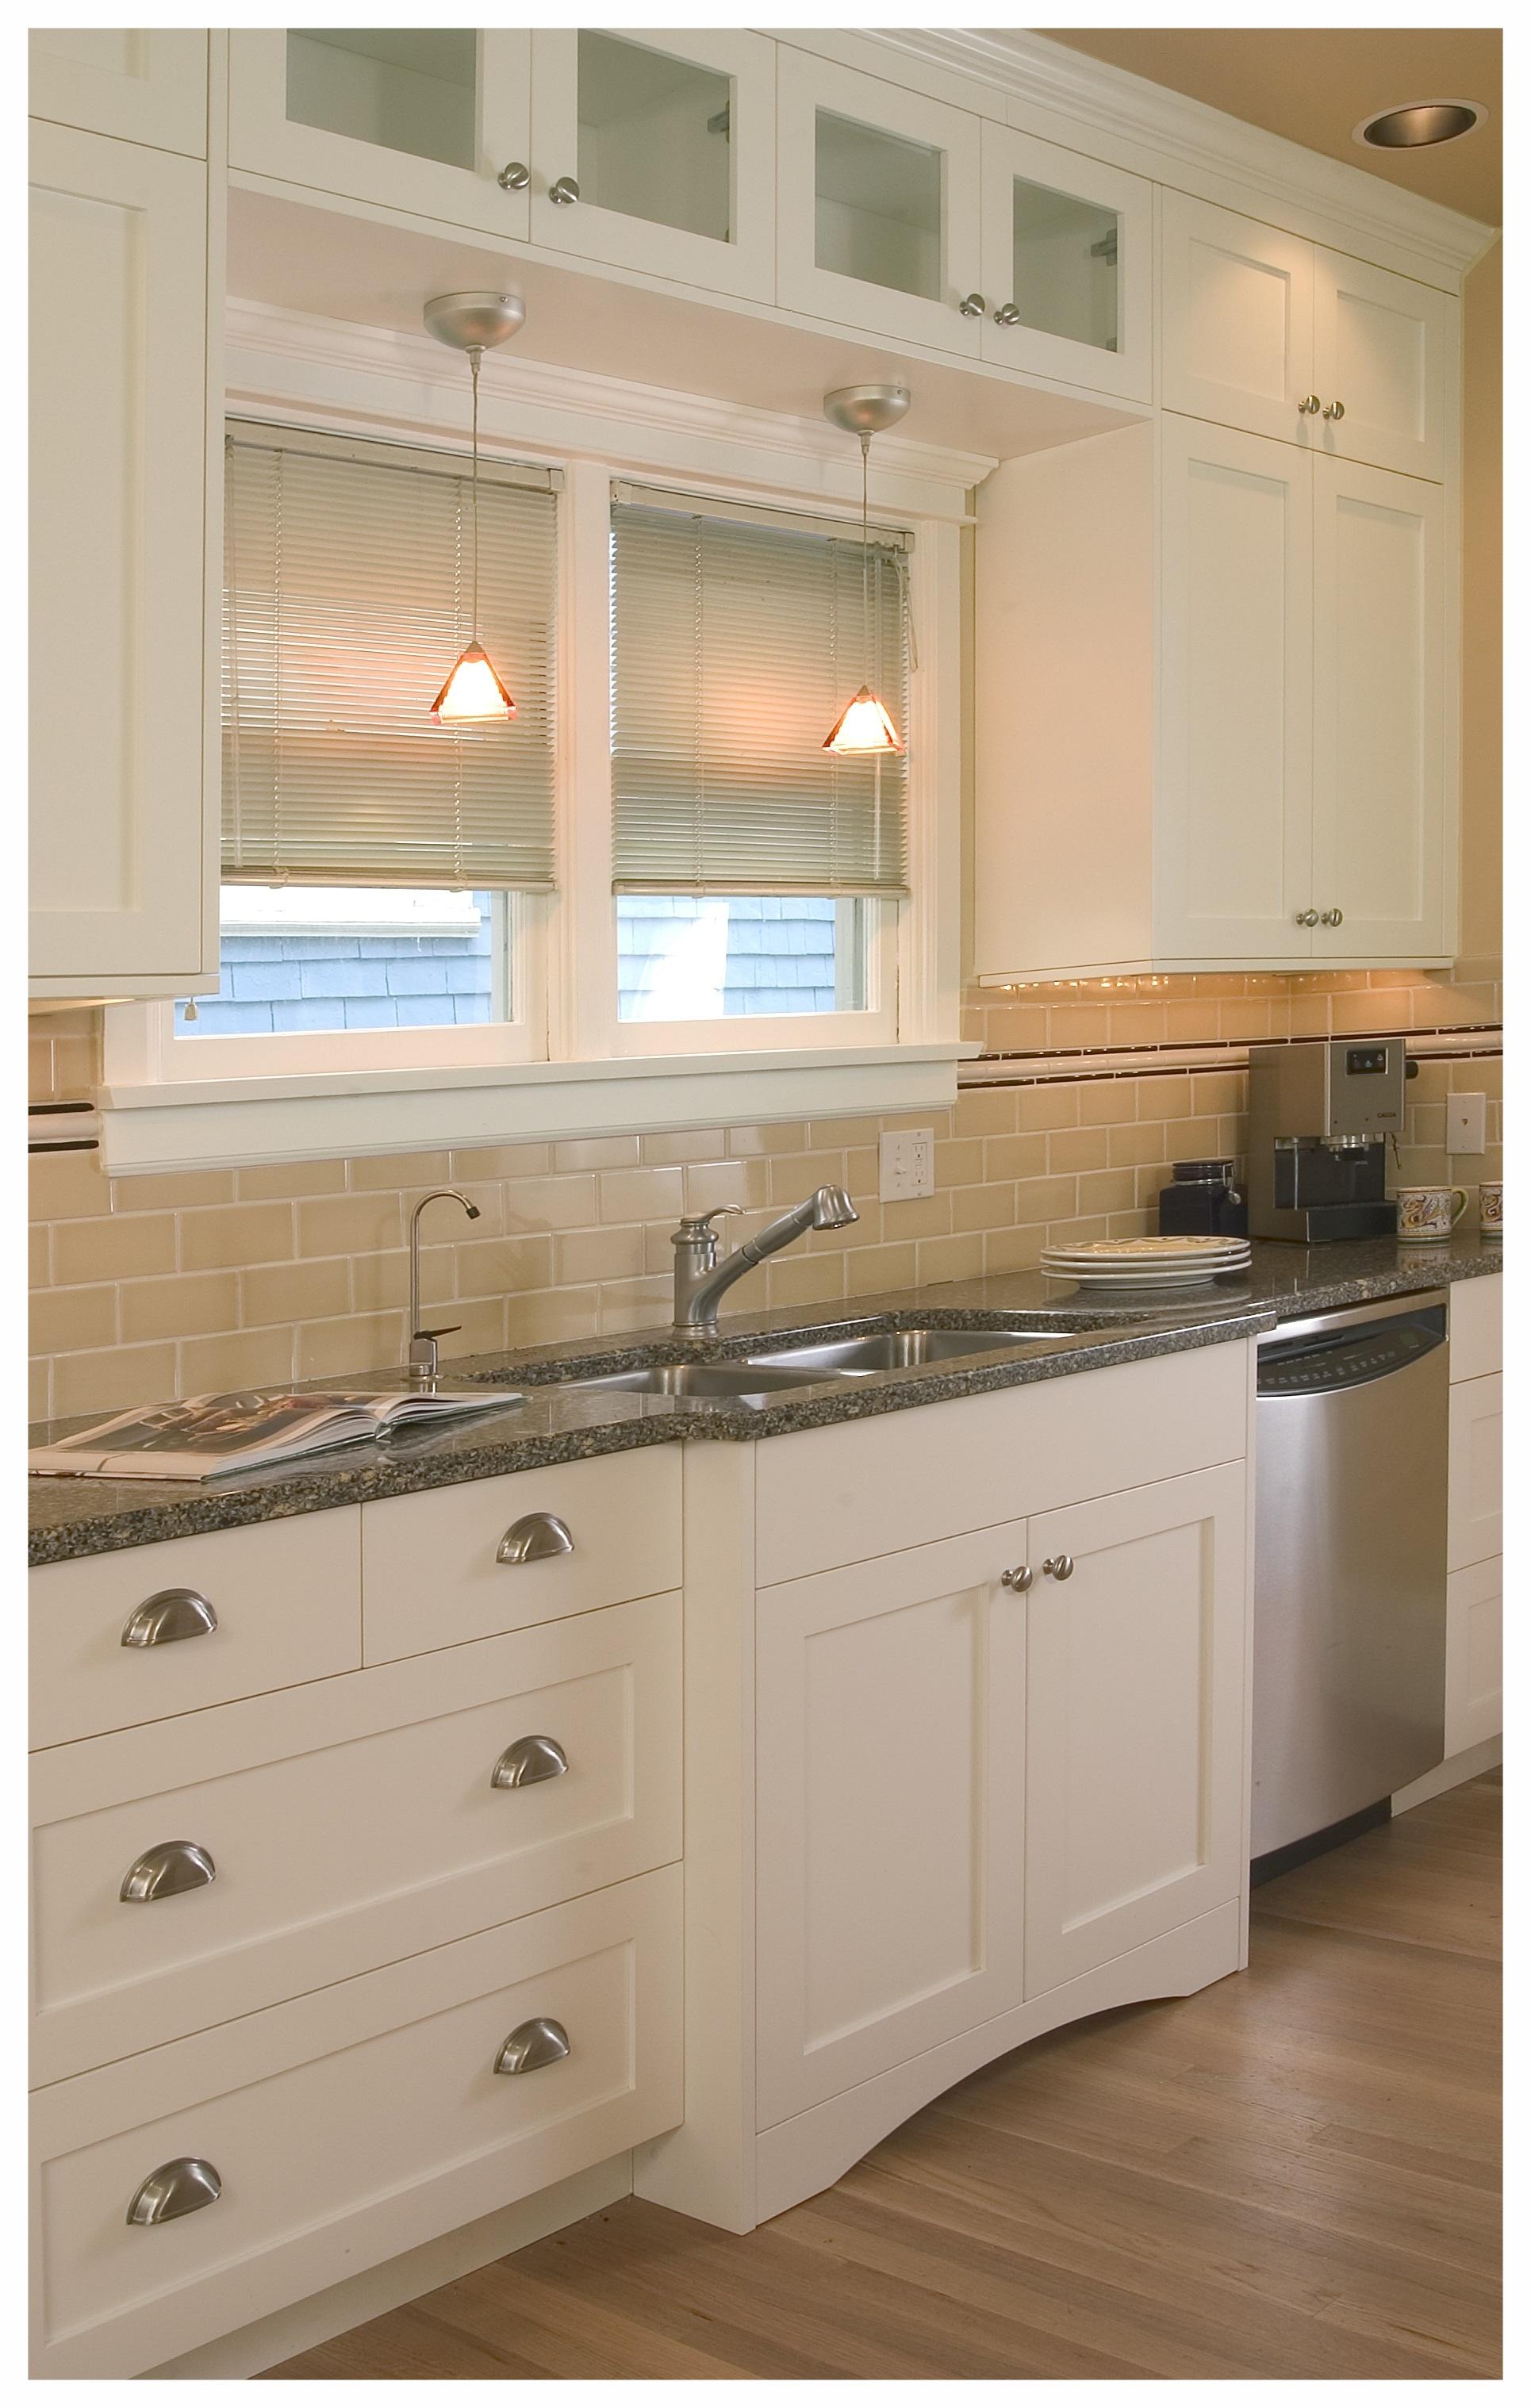 Seattle Capitol Hill Craftsman Kitchen 3.jpg